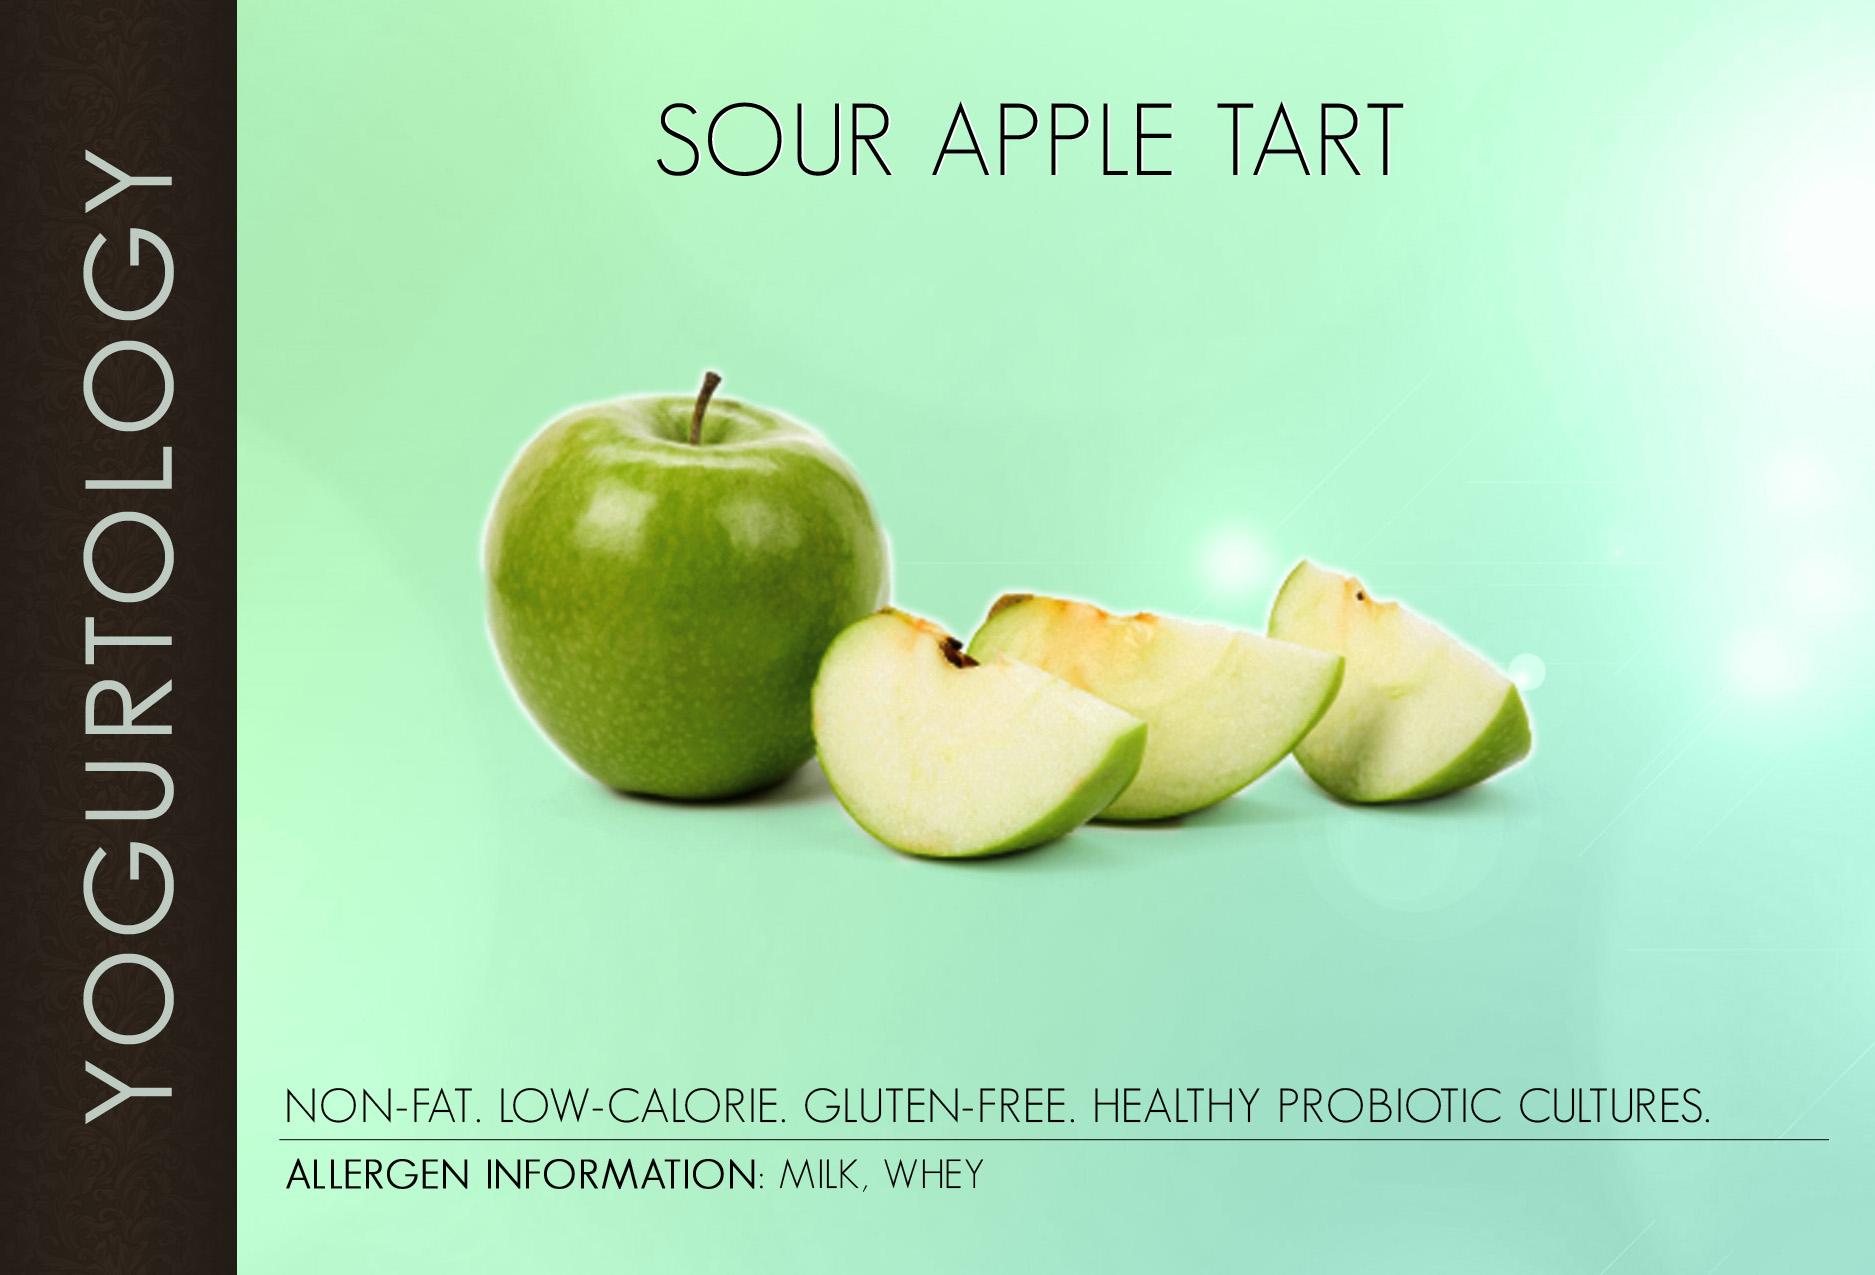 Sour Apple Tart